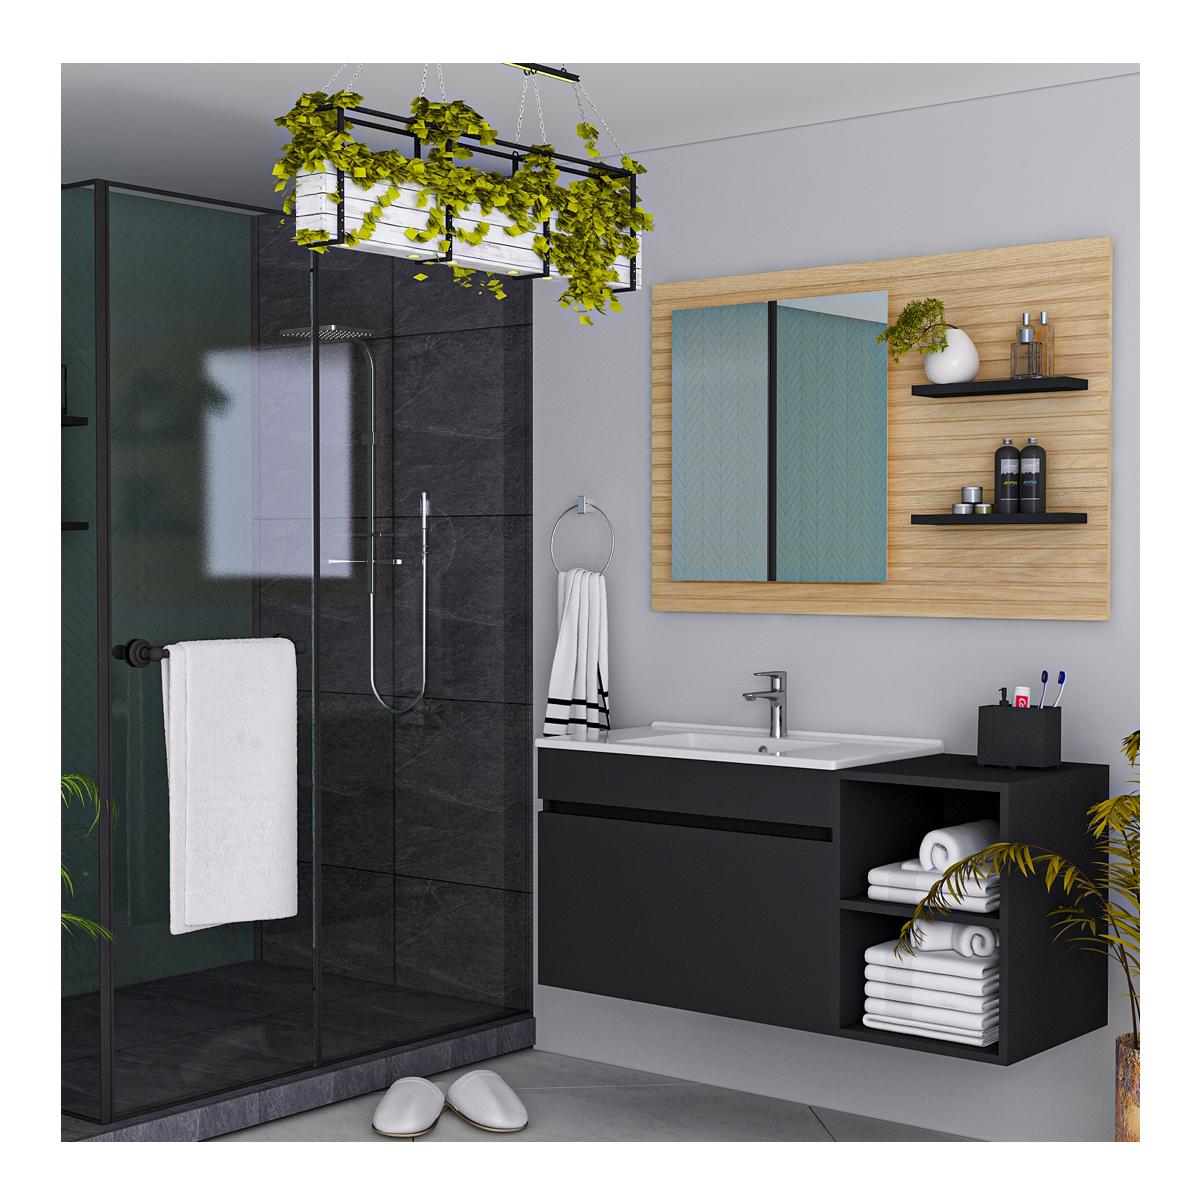 STELLA Alnınızı en iyi şekilde kullanabilmeyi hedefleyen Stella, geniş renk ve kaplama seçeneklerine sahiptir. #borpanel #kalite #estetik #banyo #bath #bathroom #quality #aesthetic